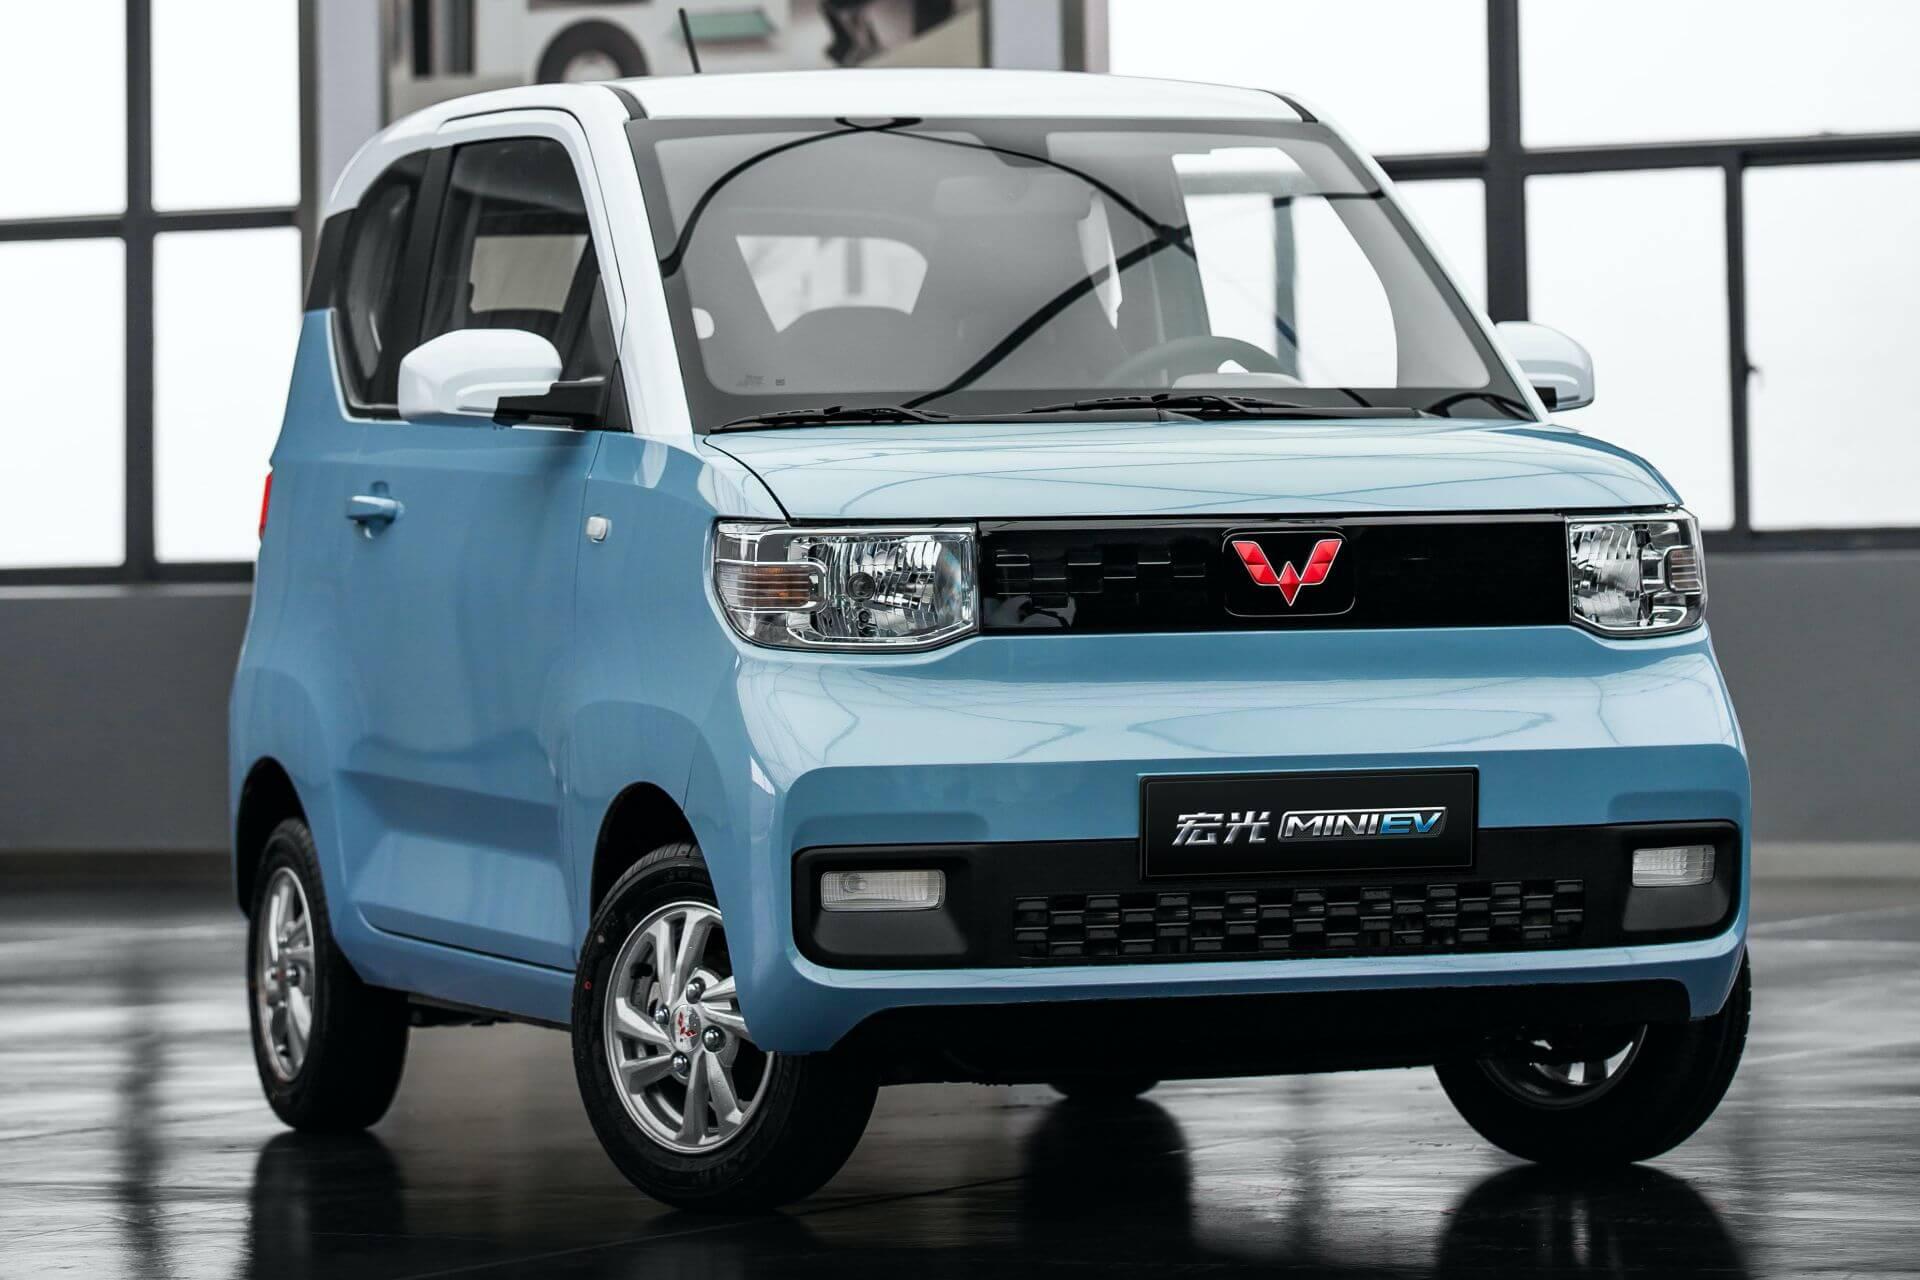 Совместное предприятие GM-SAIC-Wuling представили 4-местный мини-электромобиль – Hong Guang MINI EV